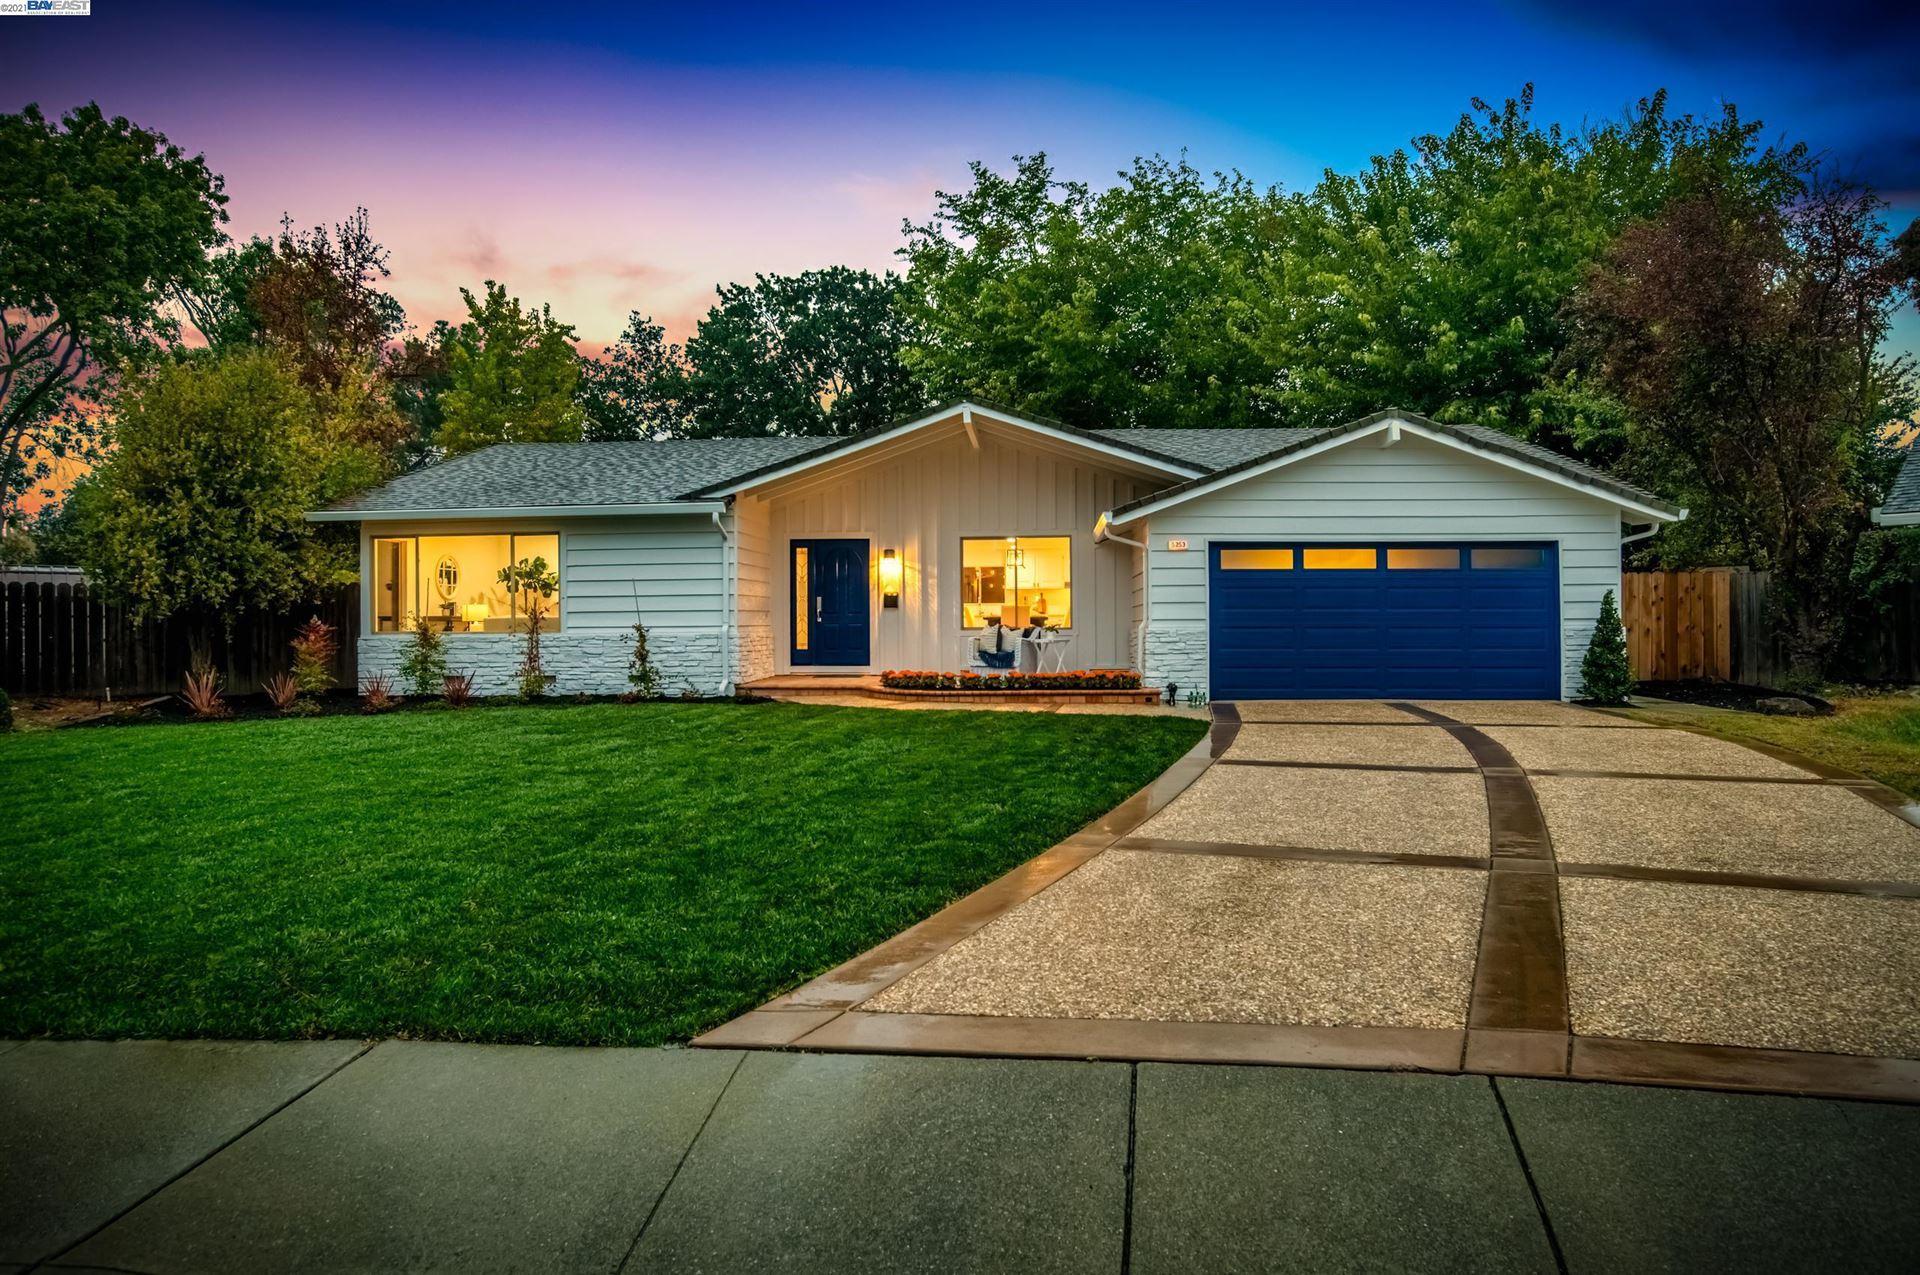 5253 Meadowwood Ct, Pleasanton, CA 94566 - #: 40971830